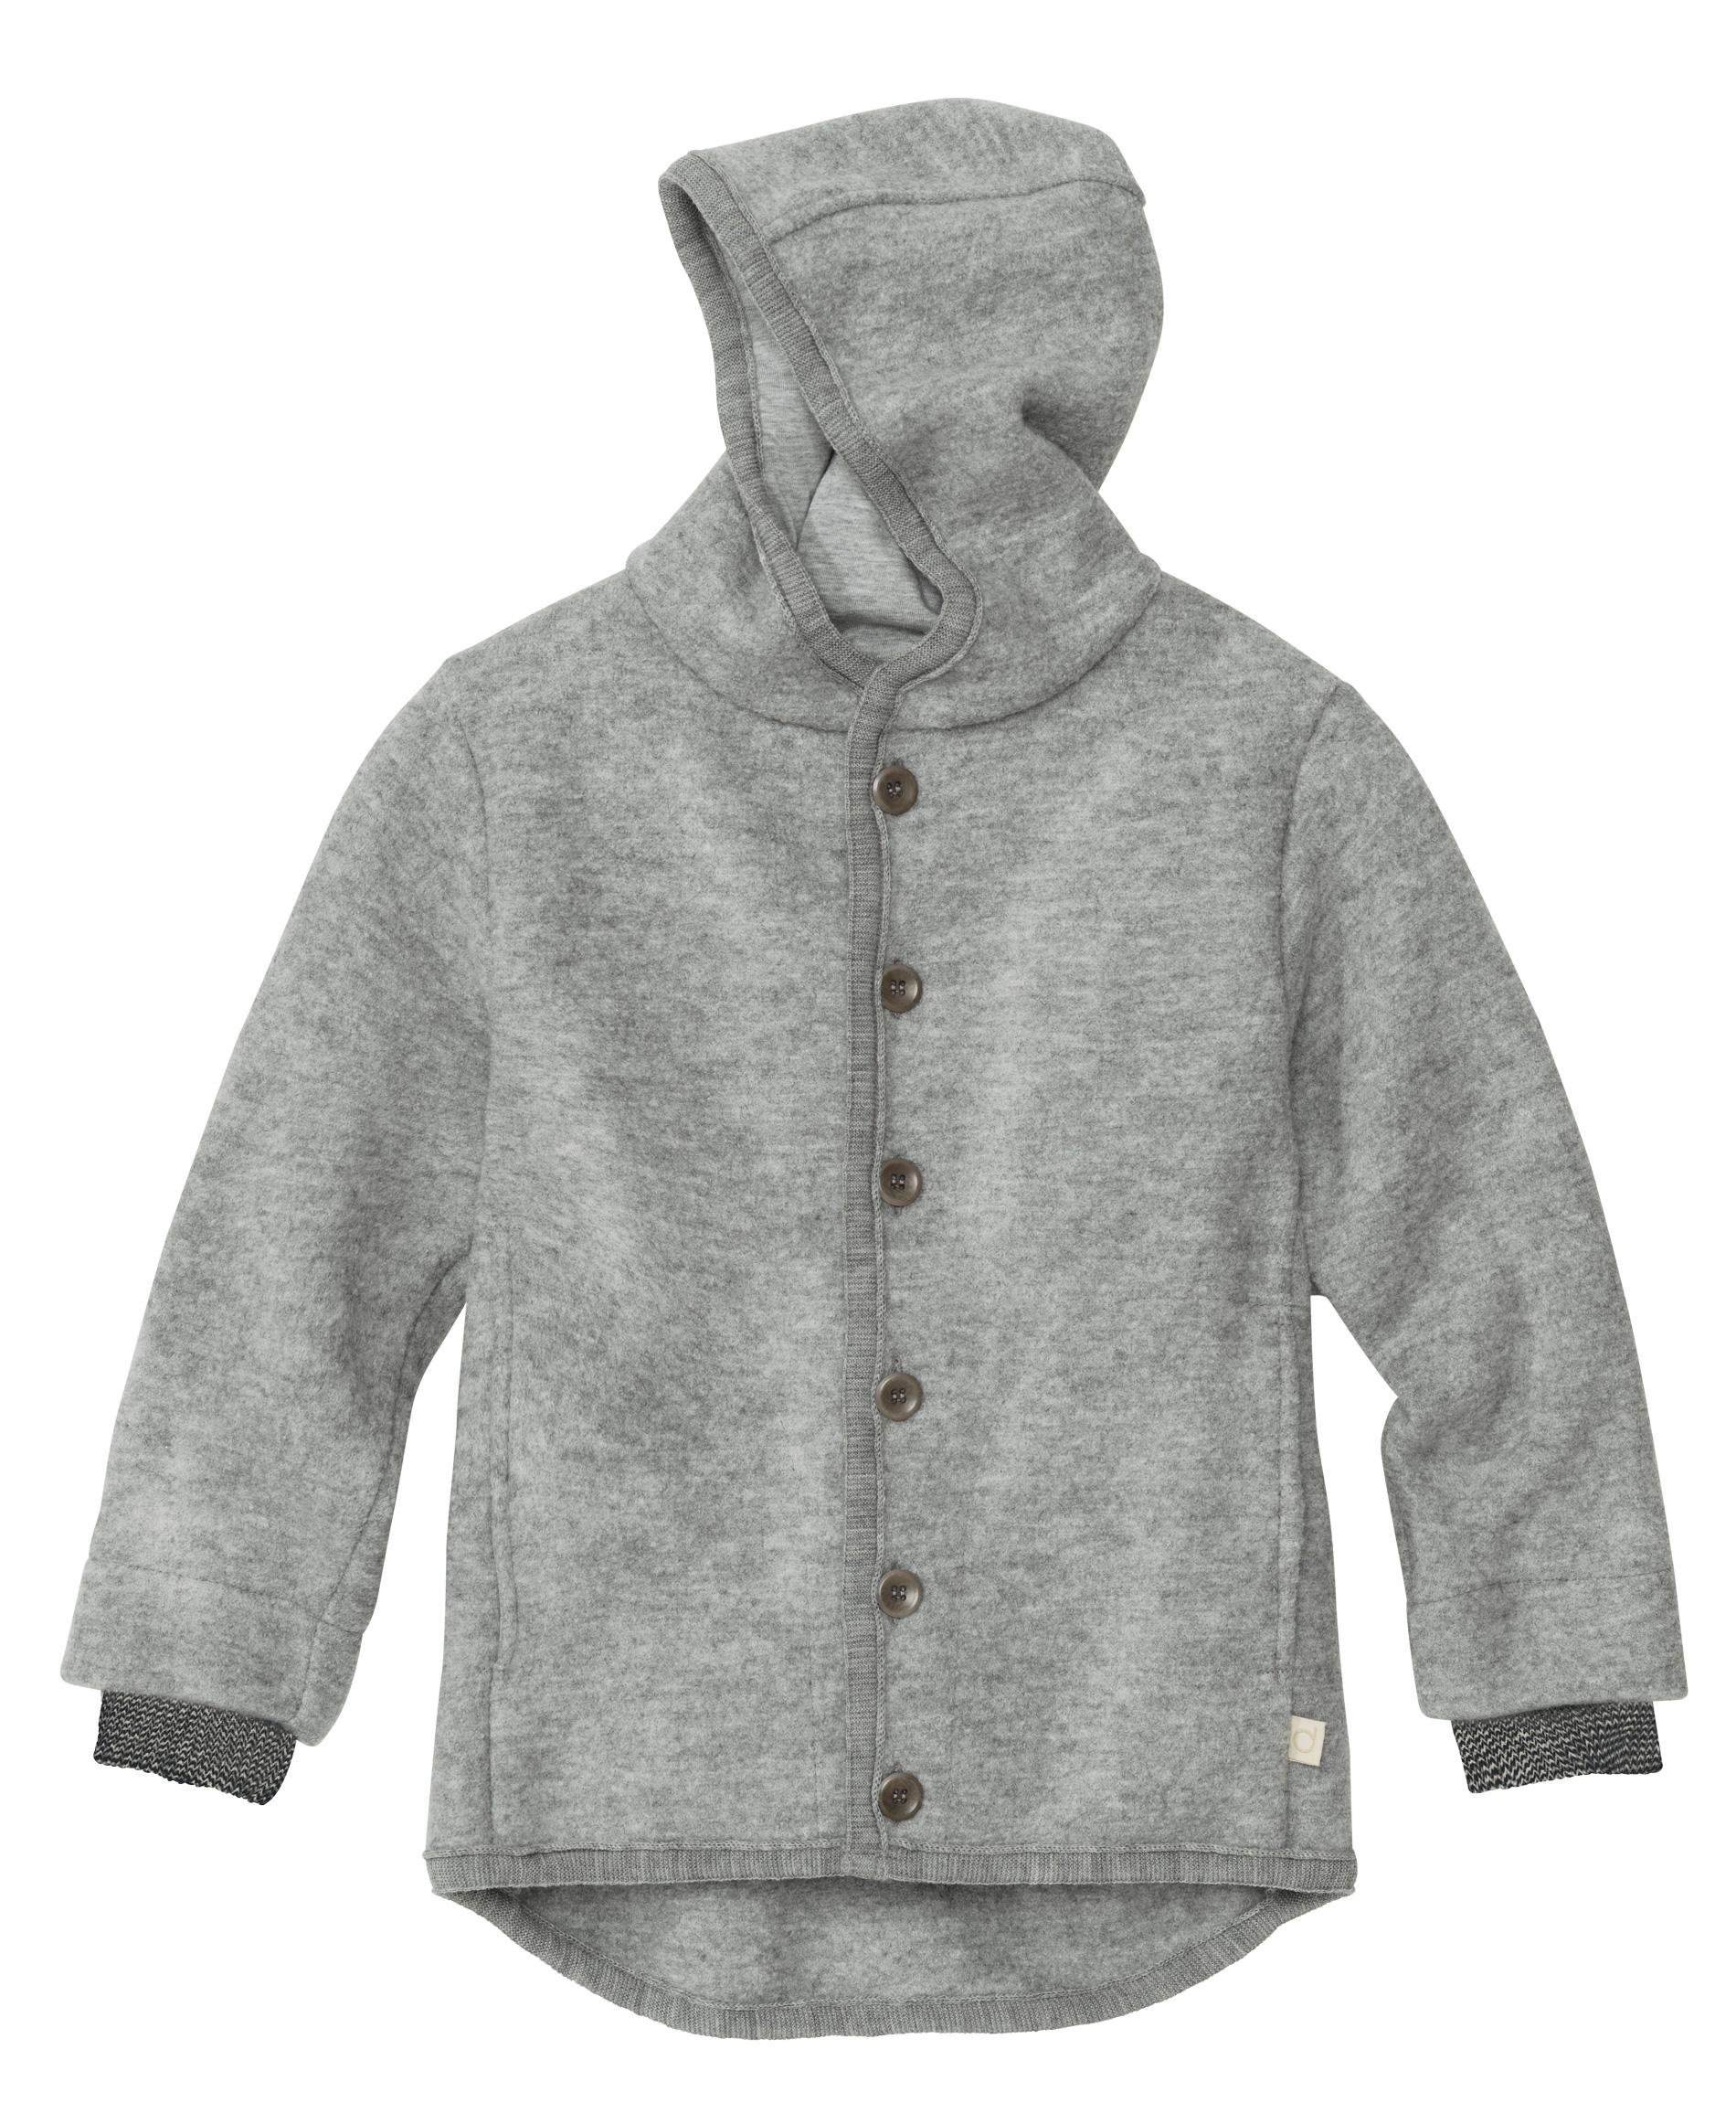 Coup de coeur Disana 21 - Manteau en laine mérinos bouillie bio avec capuche doublé coton bio